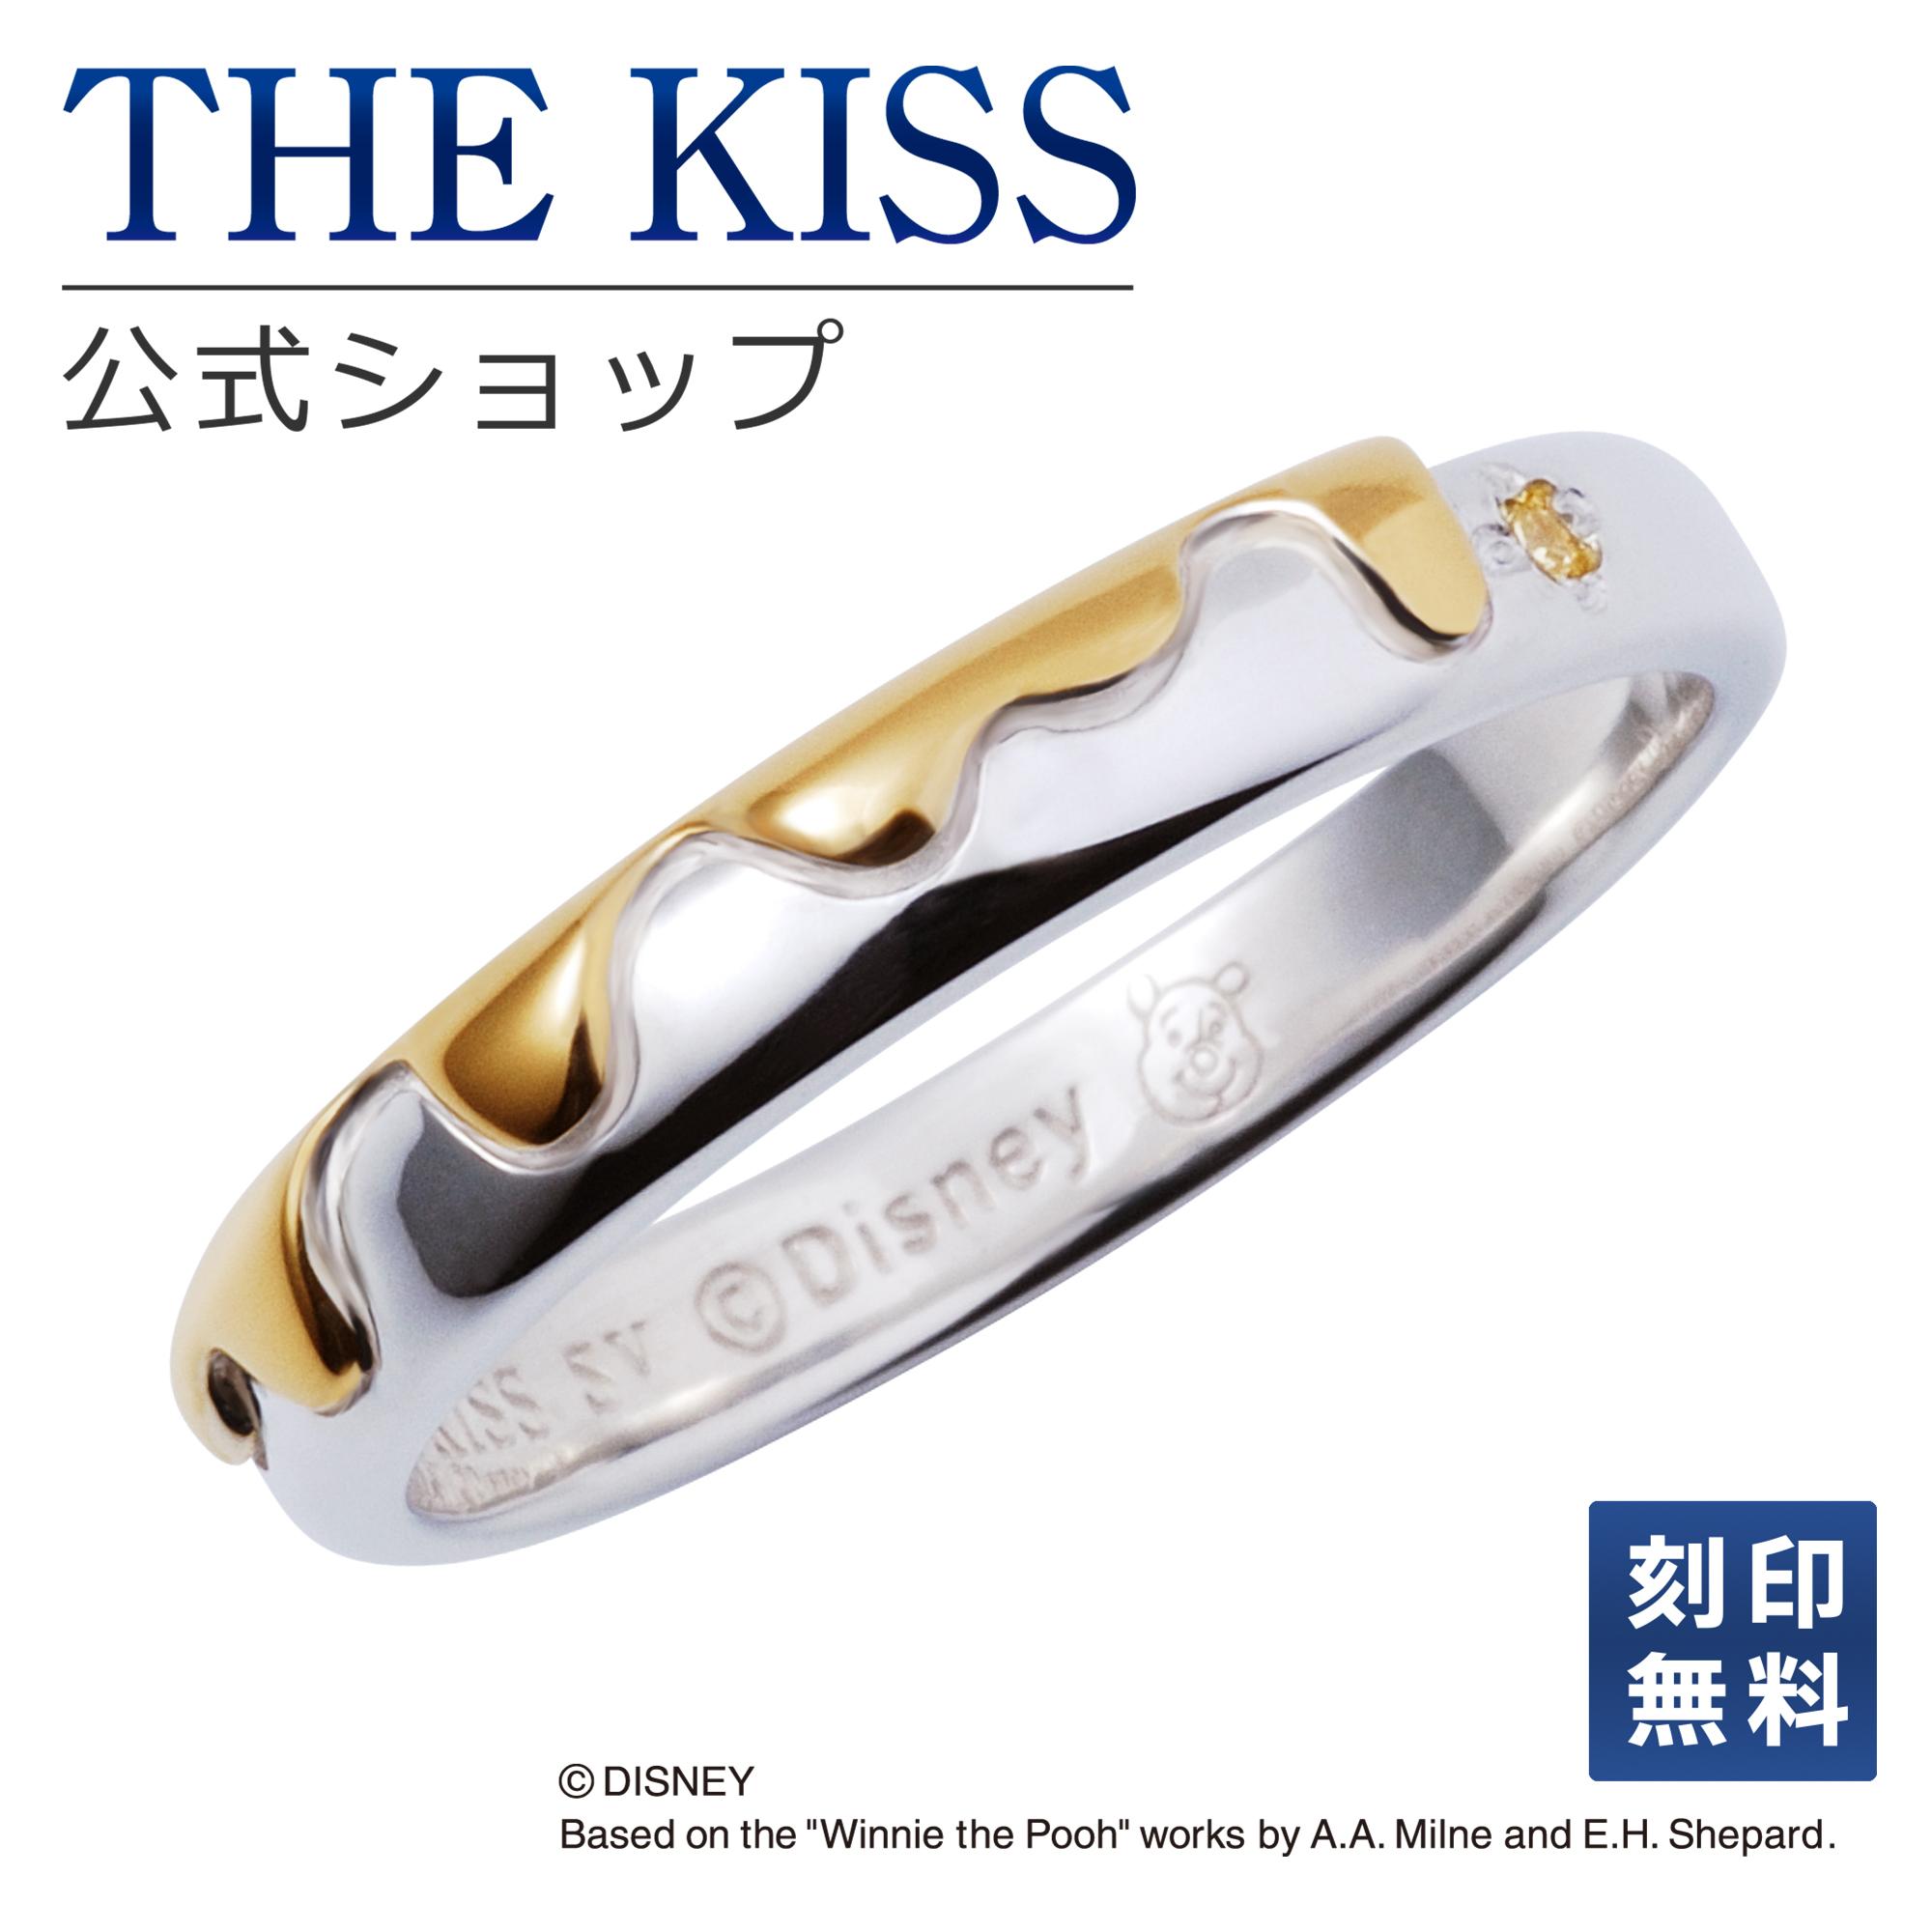 【あす楽対応】【ディズニーコレクション】 ディズニー / ペアリング / くまのプーさん / ハチミツ / THE KISS リング・指輪 シルバー キュービック (レディース メンズ 単品) DI-SR703CB ザキス 【送料無料】